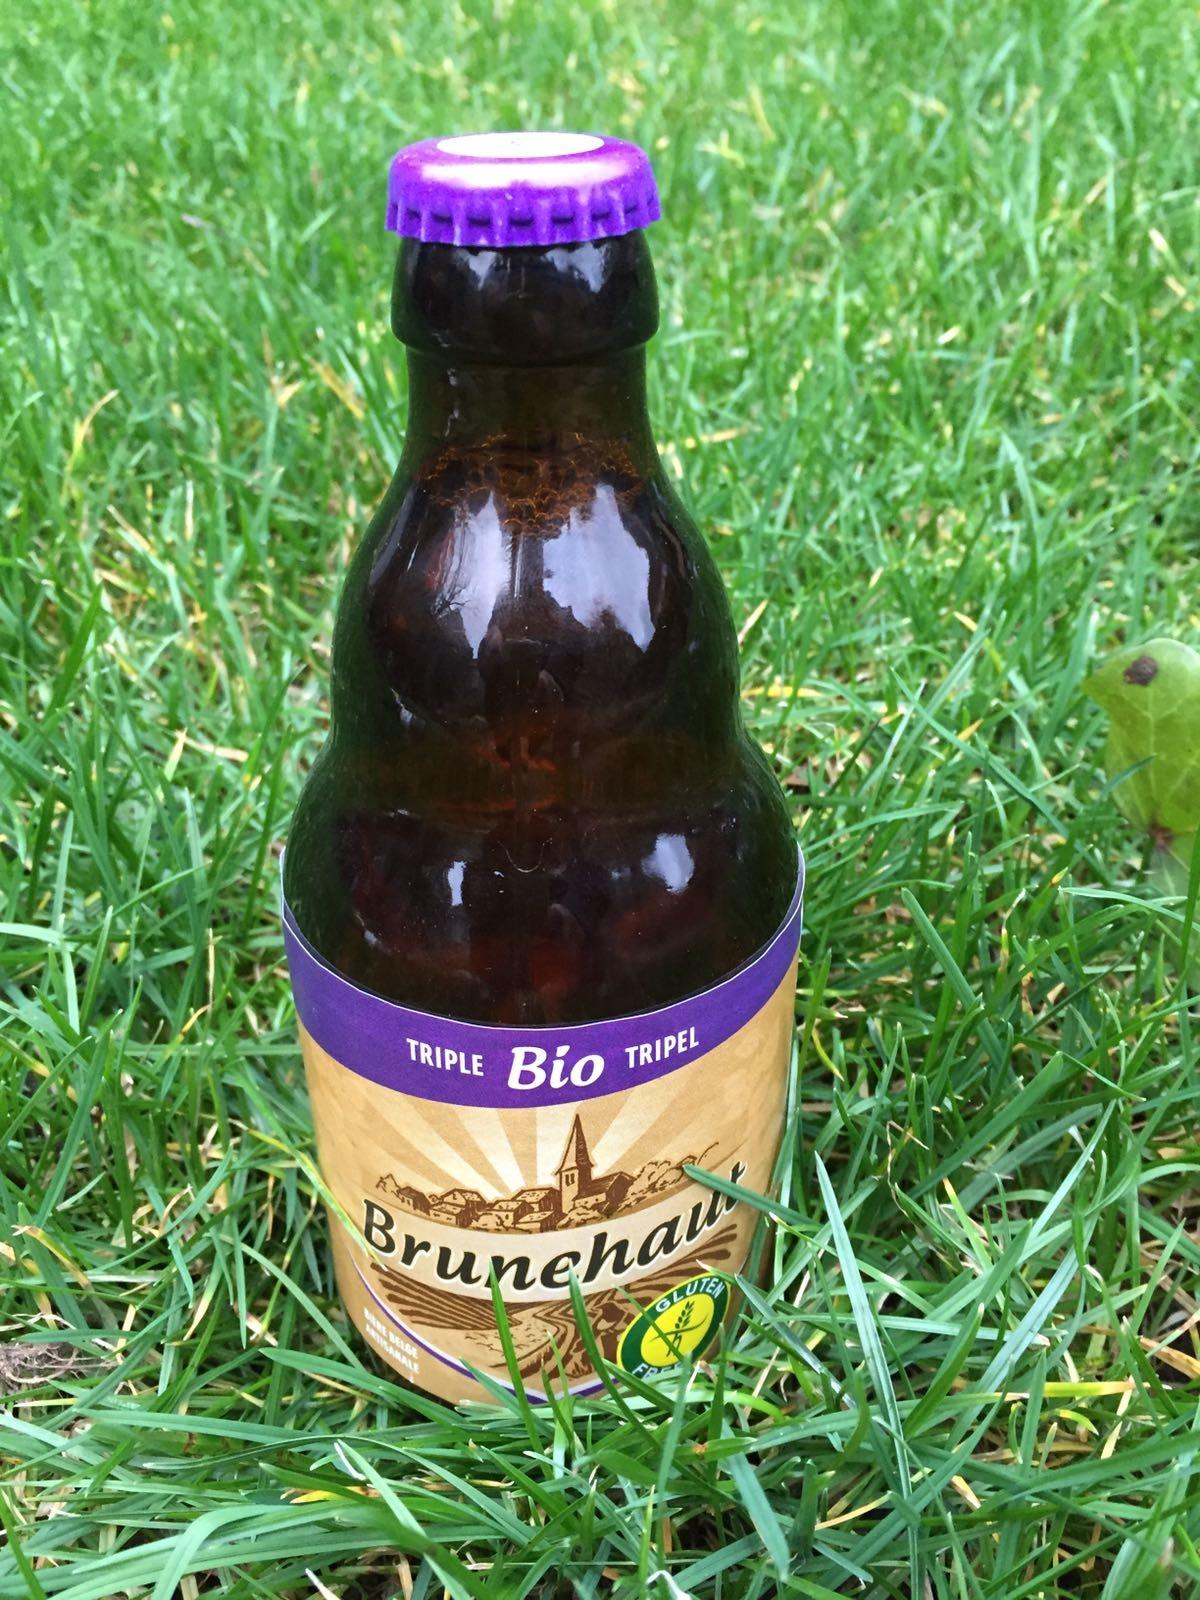 Brunehaut Triple Bio Herkomst: Brunehaut, België Een biologische glutenvrije Tripel met een lichtkopere kleur. Vol van smaak met een fluweelzachte bitterheid. Door de zachtheid van de bitter heeft het bier een lange aangename afdronk. De bieren van Brunehaut zijn in drie categorieën in te delen, na-melijk abdijbieren, biologische bieren en streekbieren. Wij hebben dit bier in ons pakket omdat we willen laten proeven dat biologische en glutenvrije bieren niet onderdoen voor andere speciaalbieren. We merken namelijk in onze omgeving dat hier an-ders over gedacht wordt. Dit bier bevat een alcoholpercentage van 8%. Advies serveertemperatuur 7 à 8 graden.